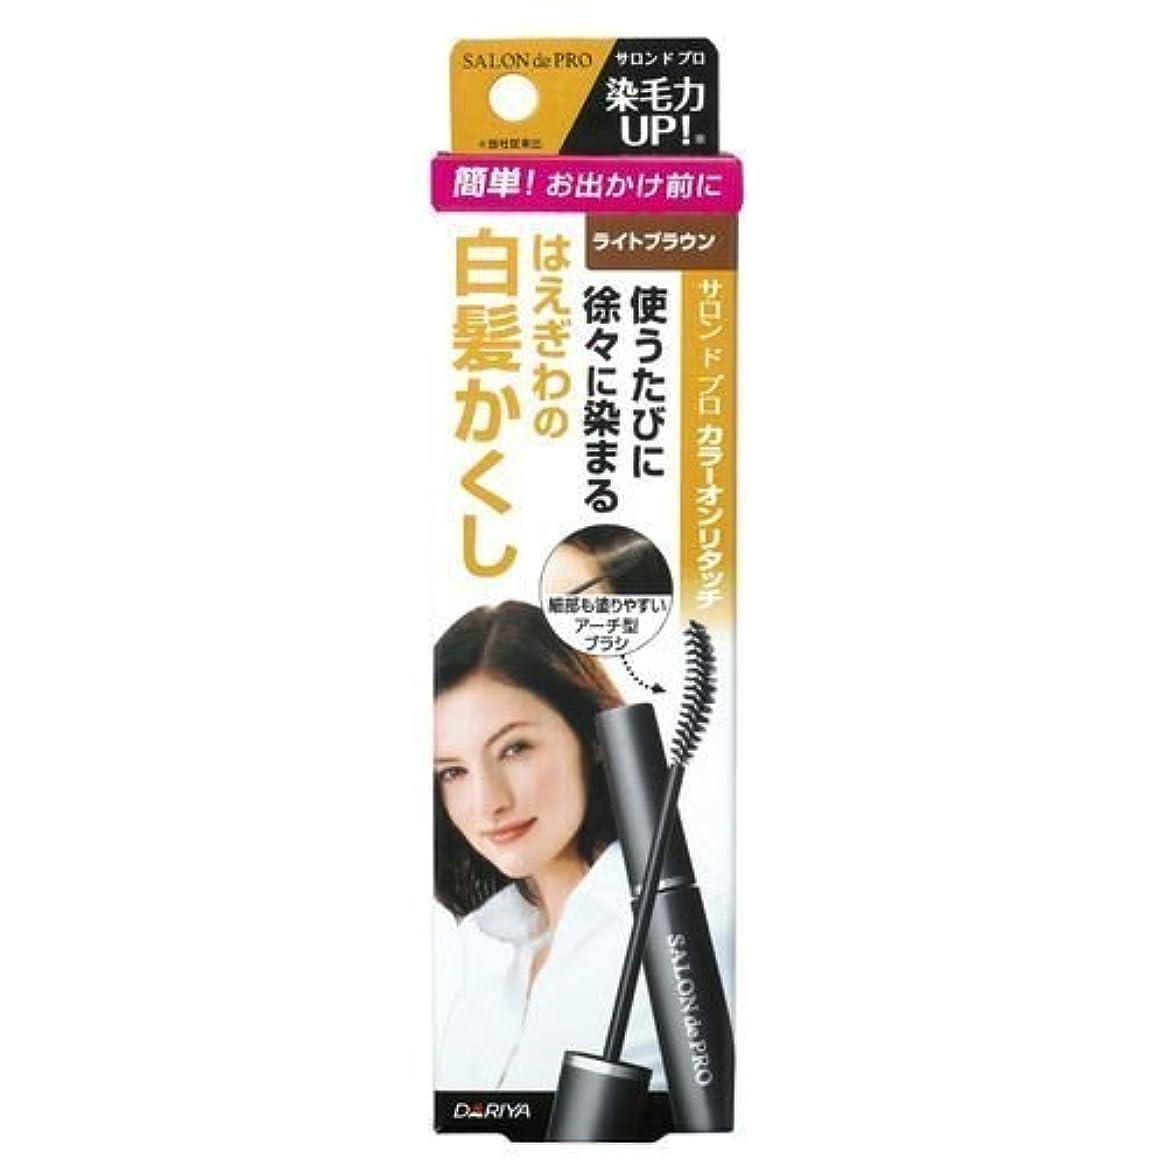 振りかける破産回答サロンドプロ カラーオンリタッチ 白髪かくしEX ライトブラウン 15ml